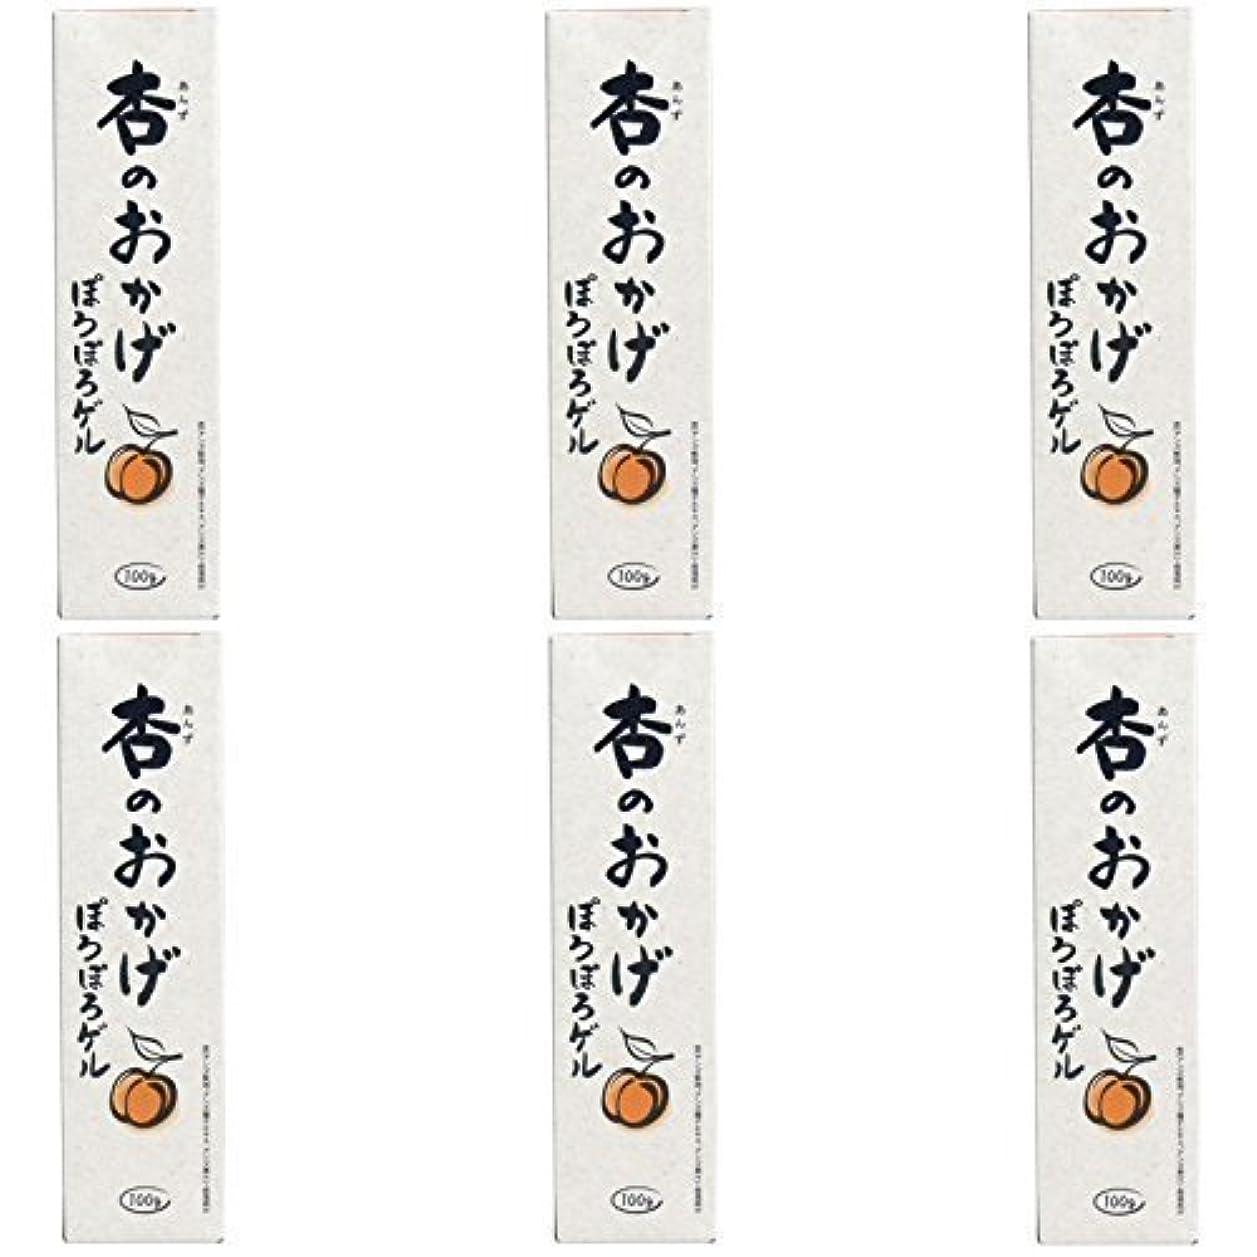 ひそかに太陽ヤング【まとめ買い】杏のおかげ ぽろぽろゲル 100g【×6個】